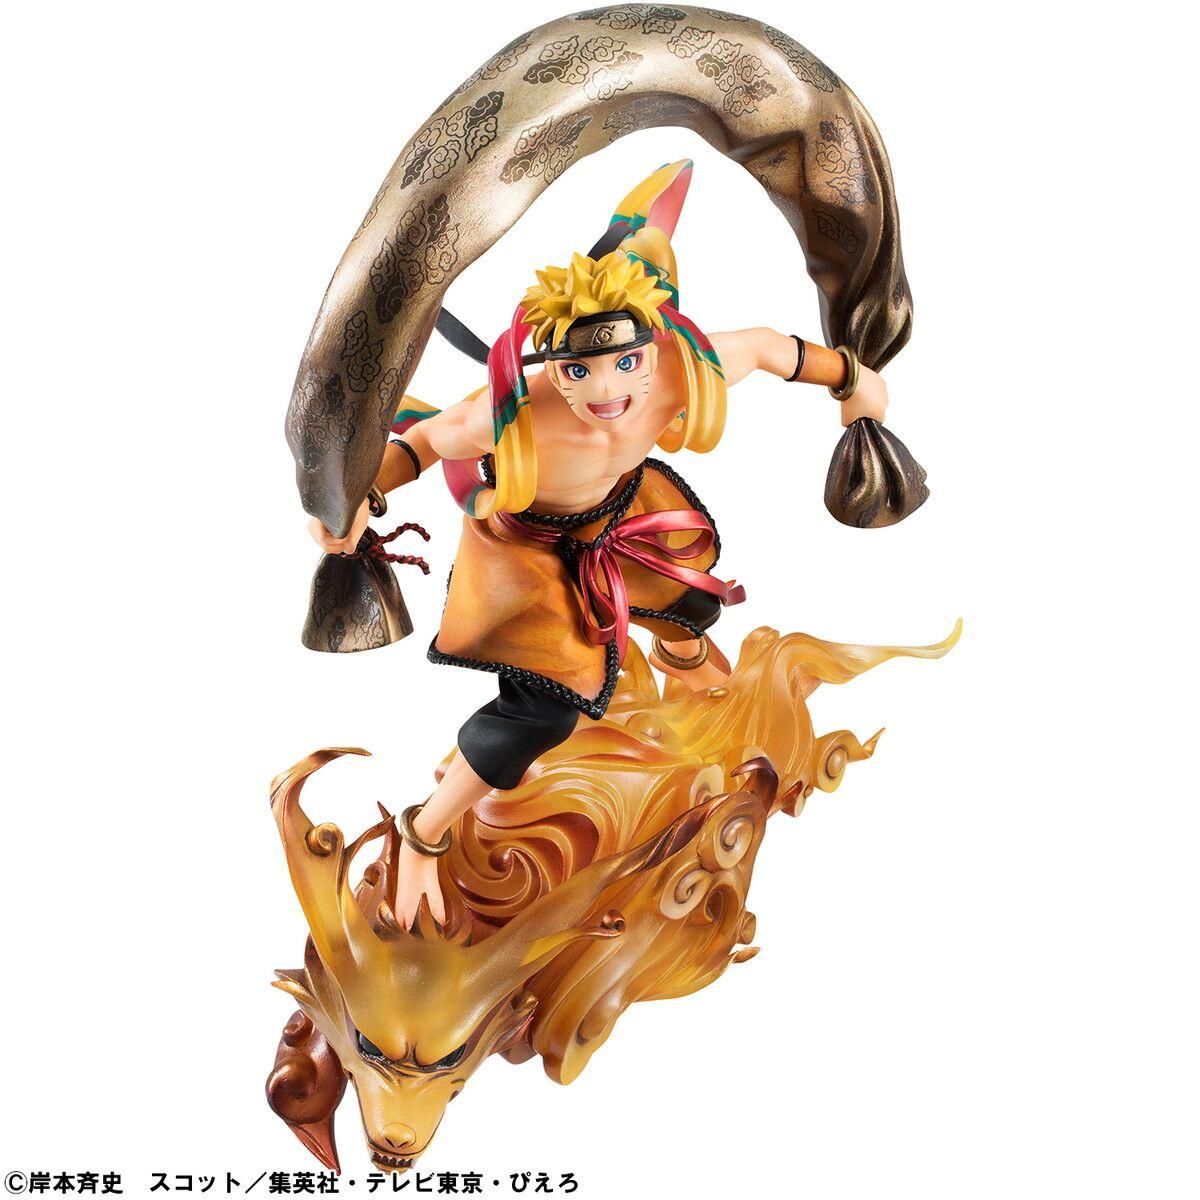 Naruto Uzumaki Fujin Naruto Shippuden GEM Series Figure 4535123823251